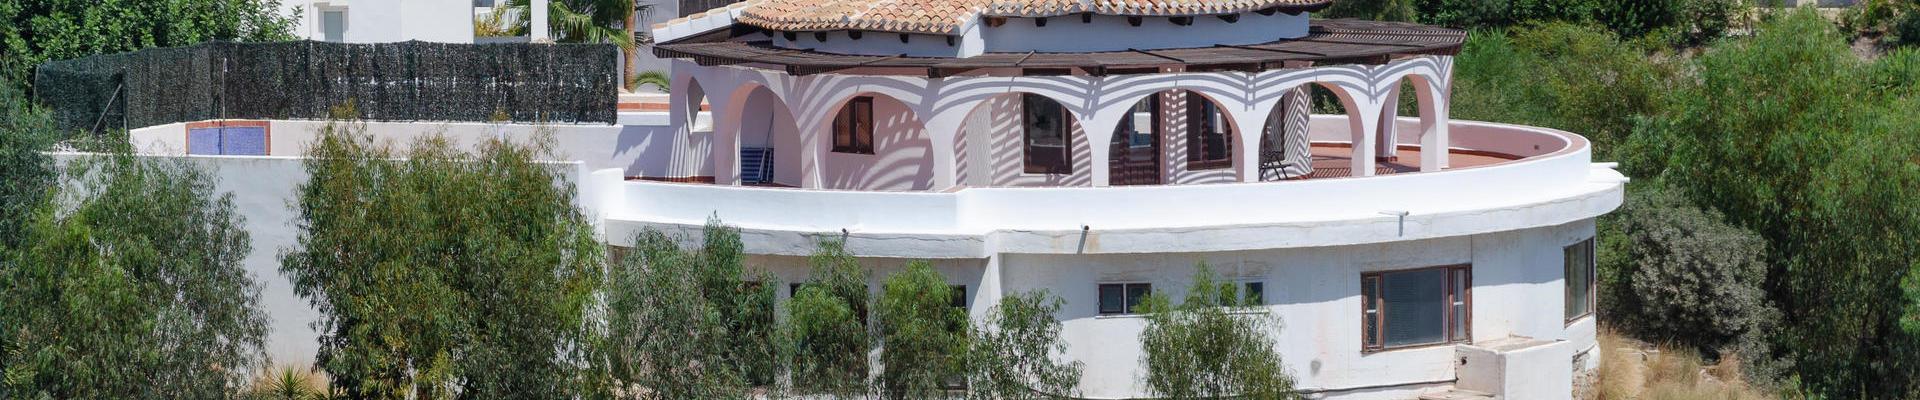 DV1491: 6 Bedroom Villa for Sale